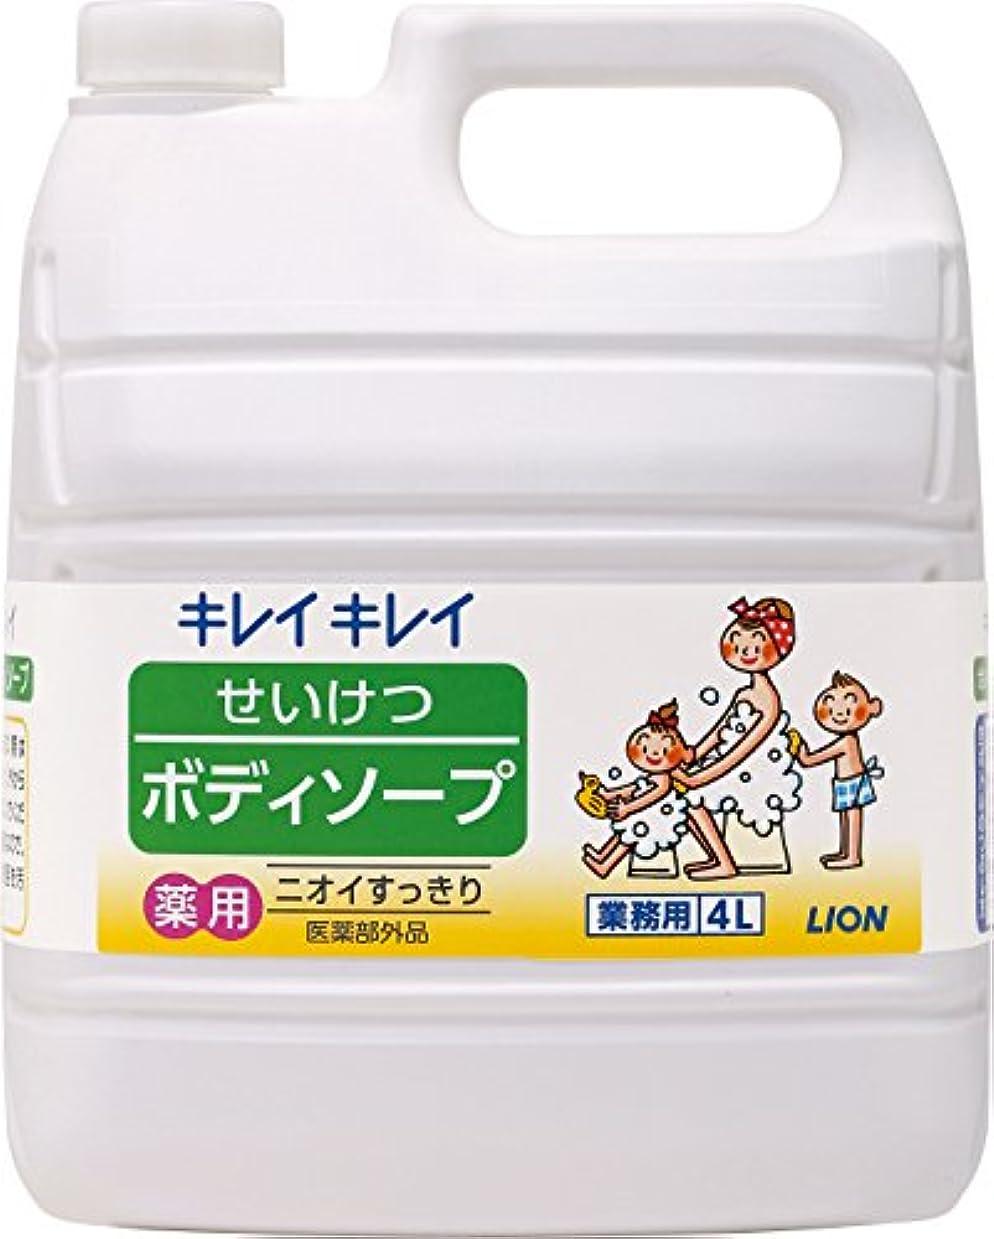 進捗バスビーズ【業務用 大容量】キレイキレイ せいけつボディソープ さわやかなレモン&オレンジの香り 4L(医薬部外品)